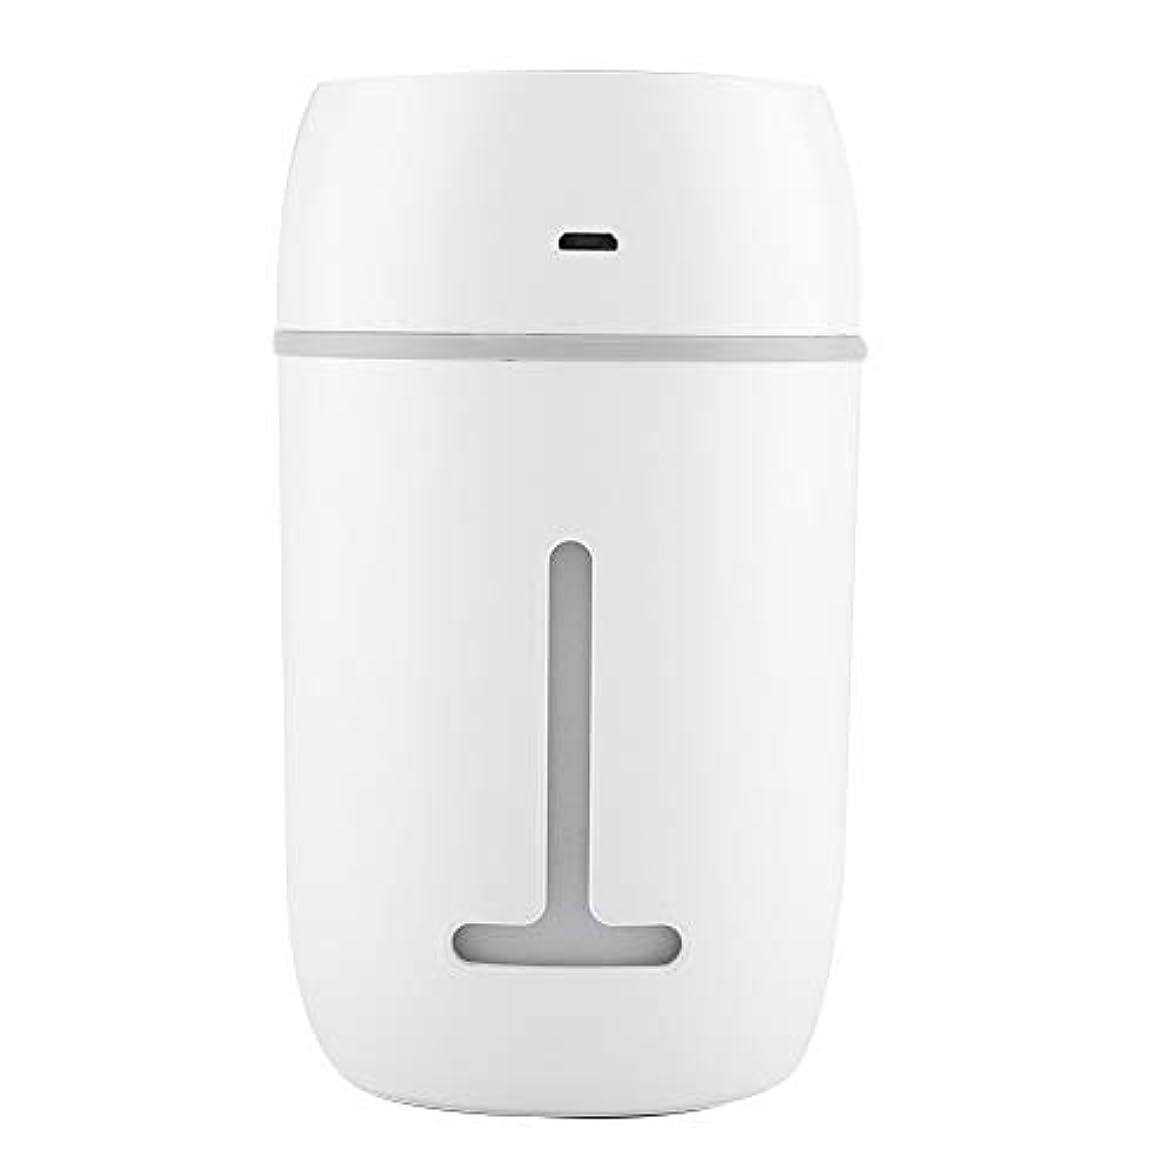 桃一回解釈するミニUSB加湿器、超音波クールミスト加湿器充電式ポータブルカーオフィス加湿器ディフューザー7色LEDライト